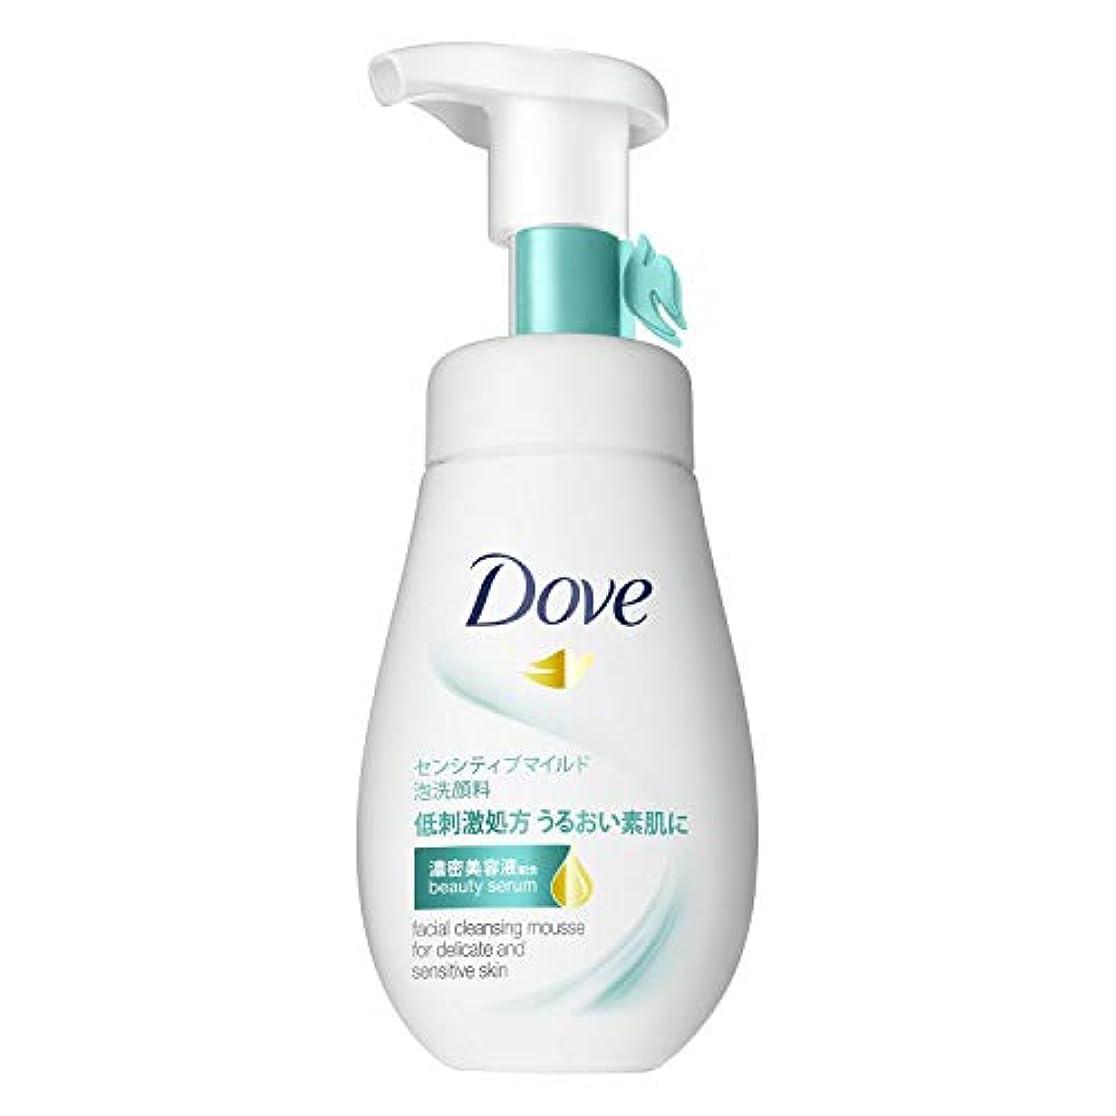 情熱的実際ボタンダヴ センシティブマイルド クリーミー泡洗顔料